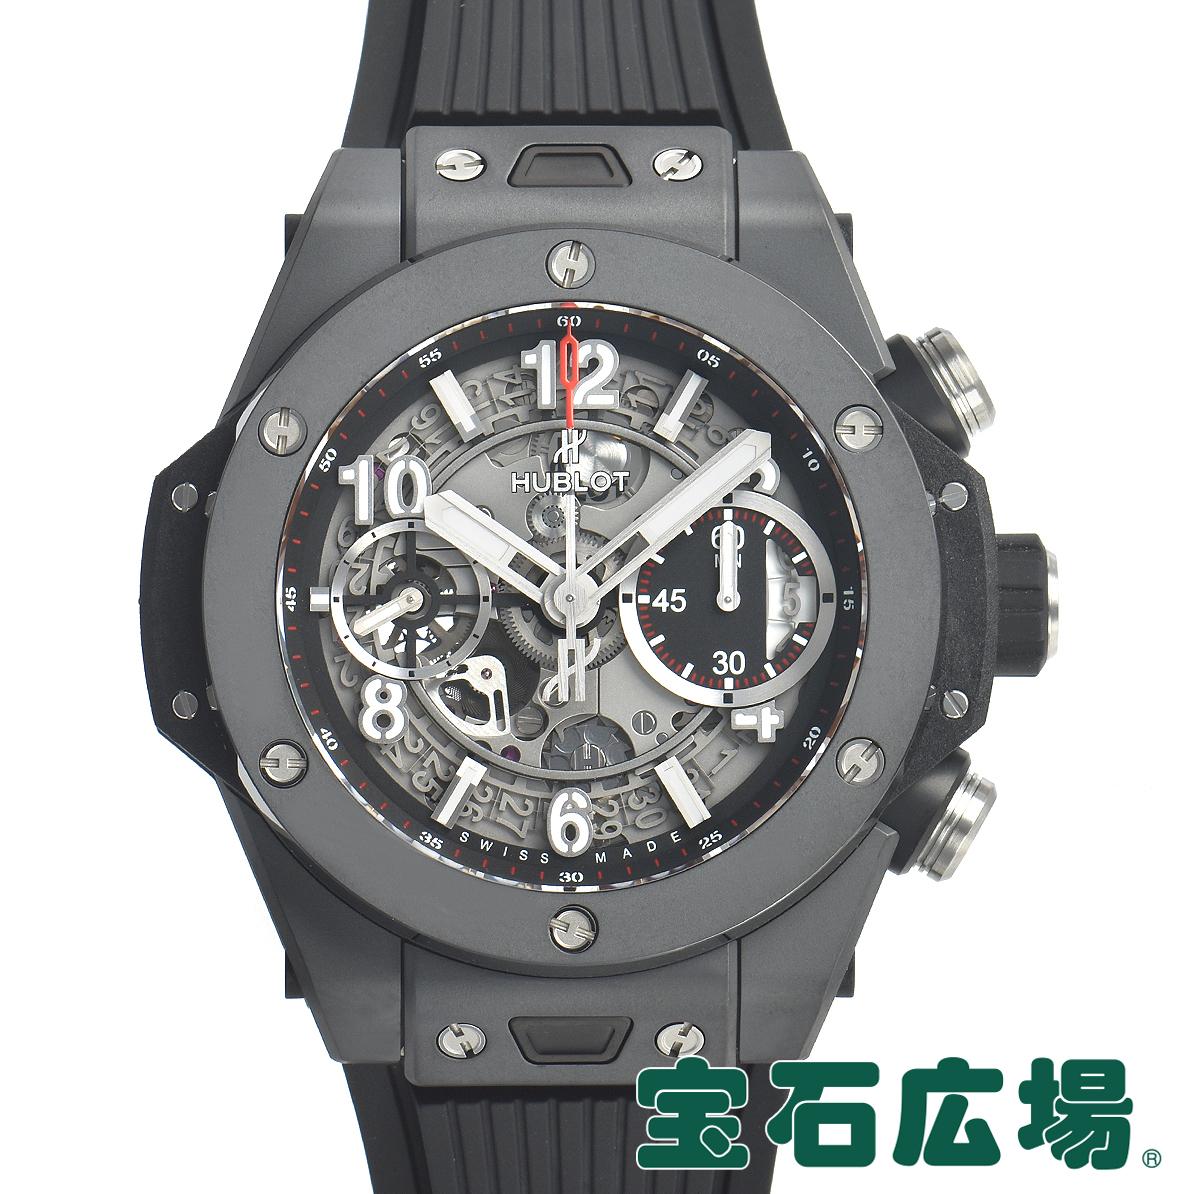 日本製 ウブロ ビッグバン 安値 ウニコ ブラックマジック 441.CI.1170.RX 送料無料 新品 HUBLOT 腕時計 メンズ